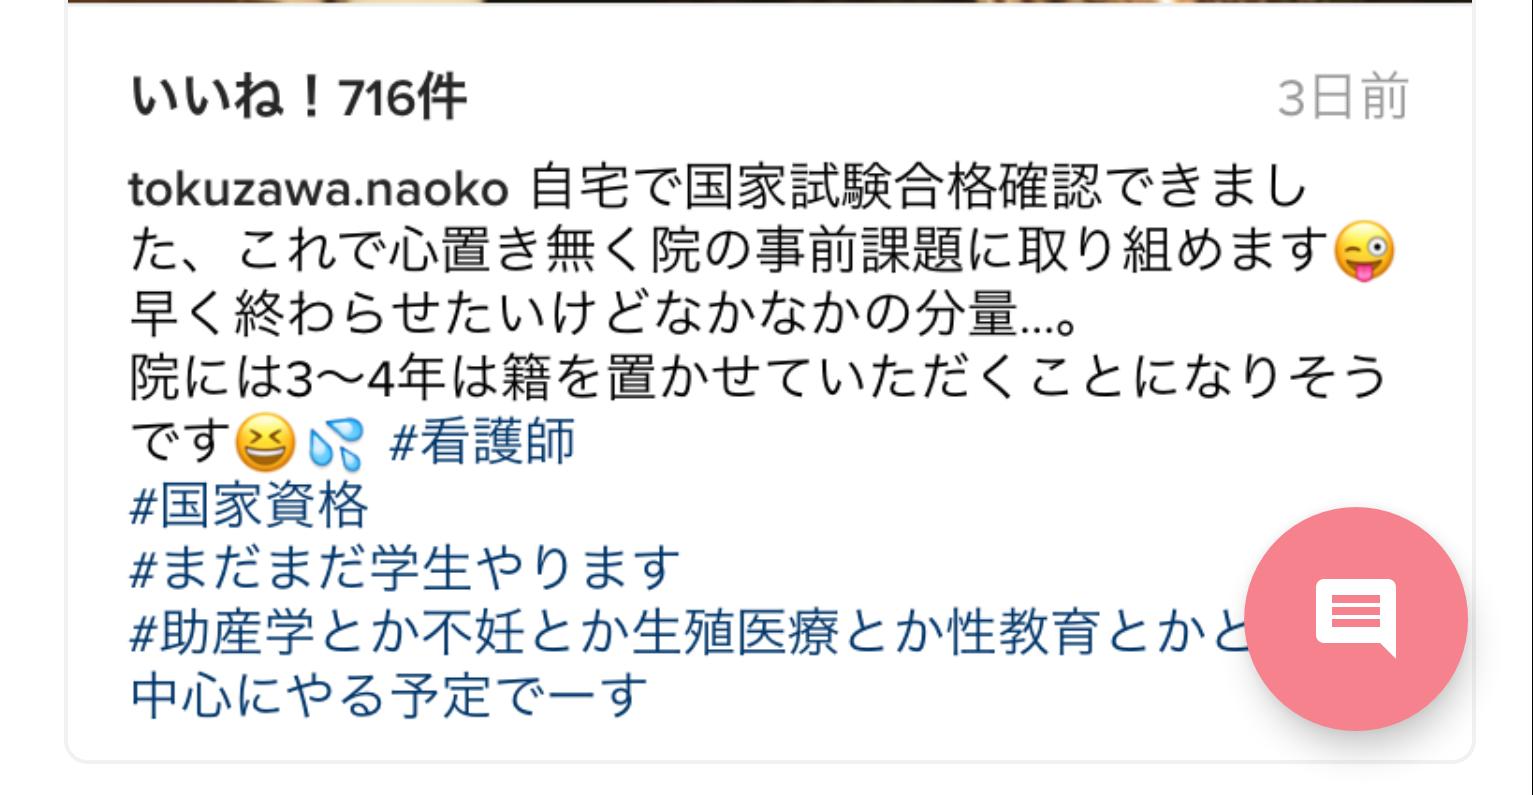 再婚のモデル徳澤直子が第2子妊娠報告「再度ご報告うれしく」